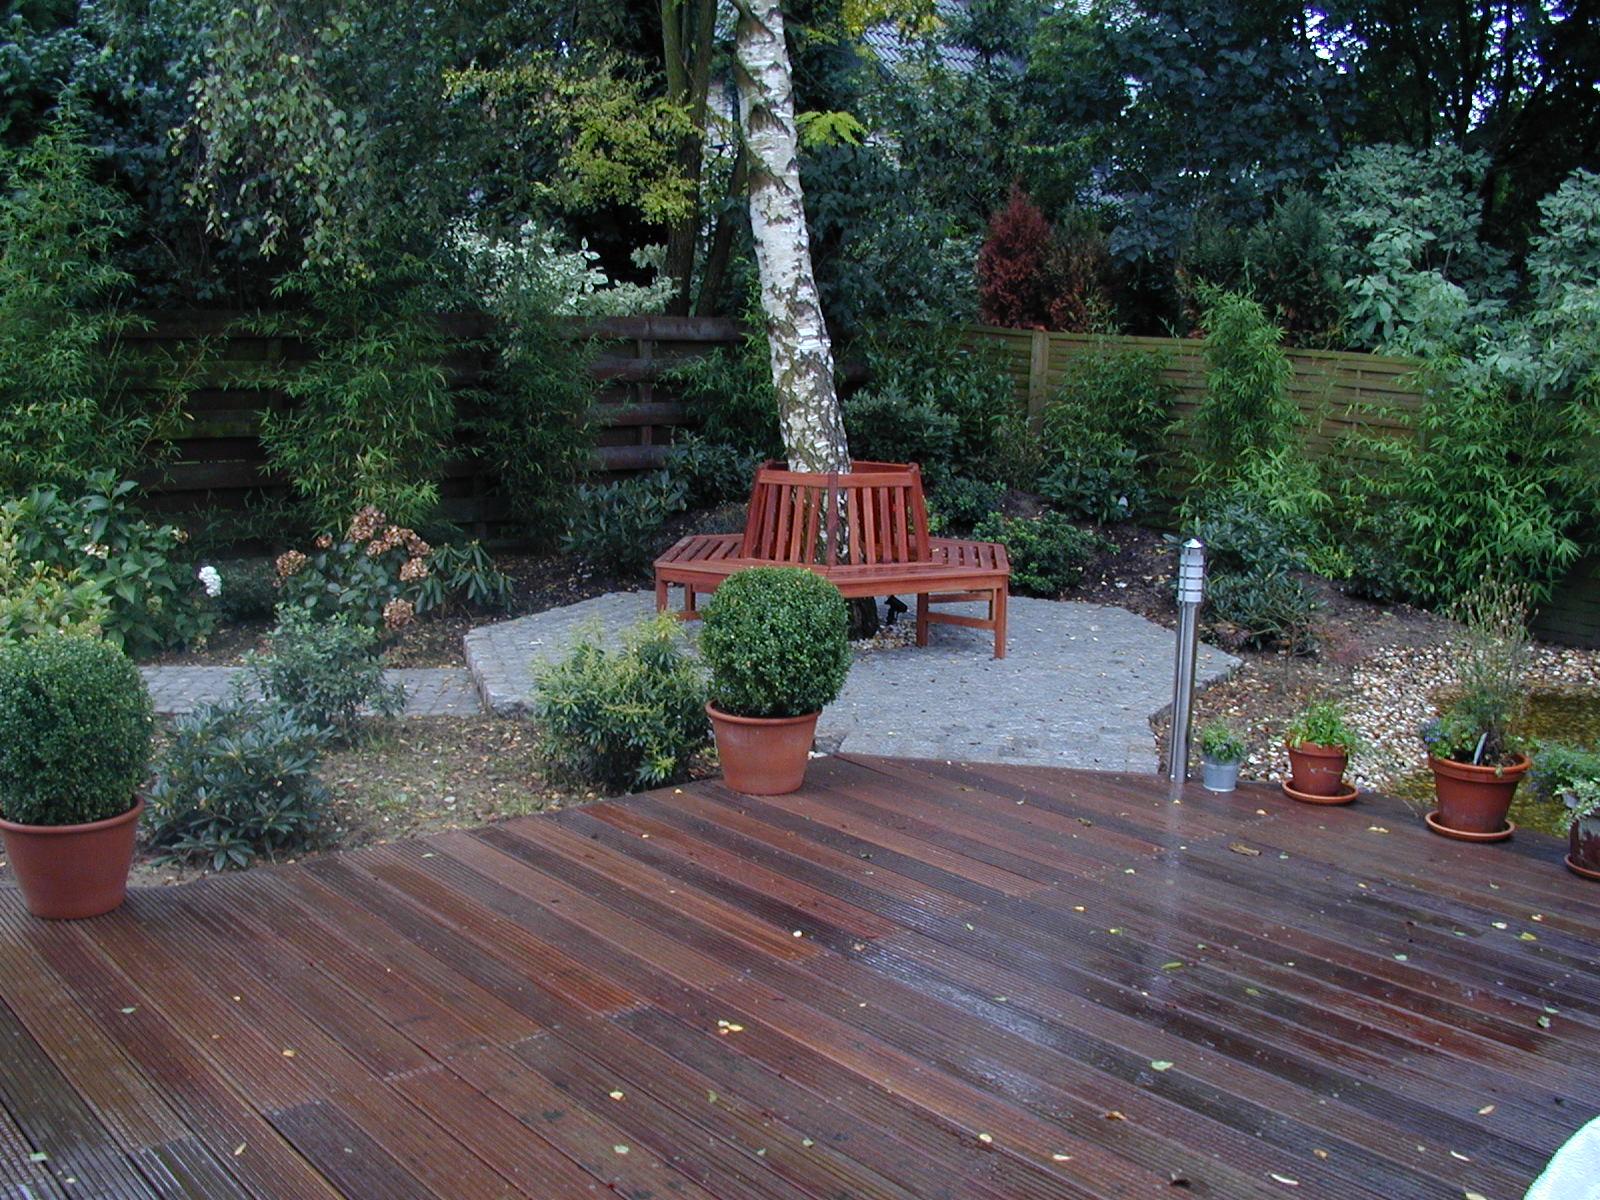 Holz gartenbau und landschaftsbau aus erftstadt wir planen und bauen ihren garten - Gartenbau erftstadt ...